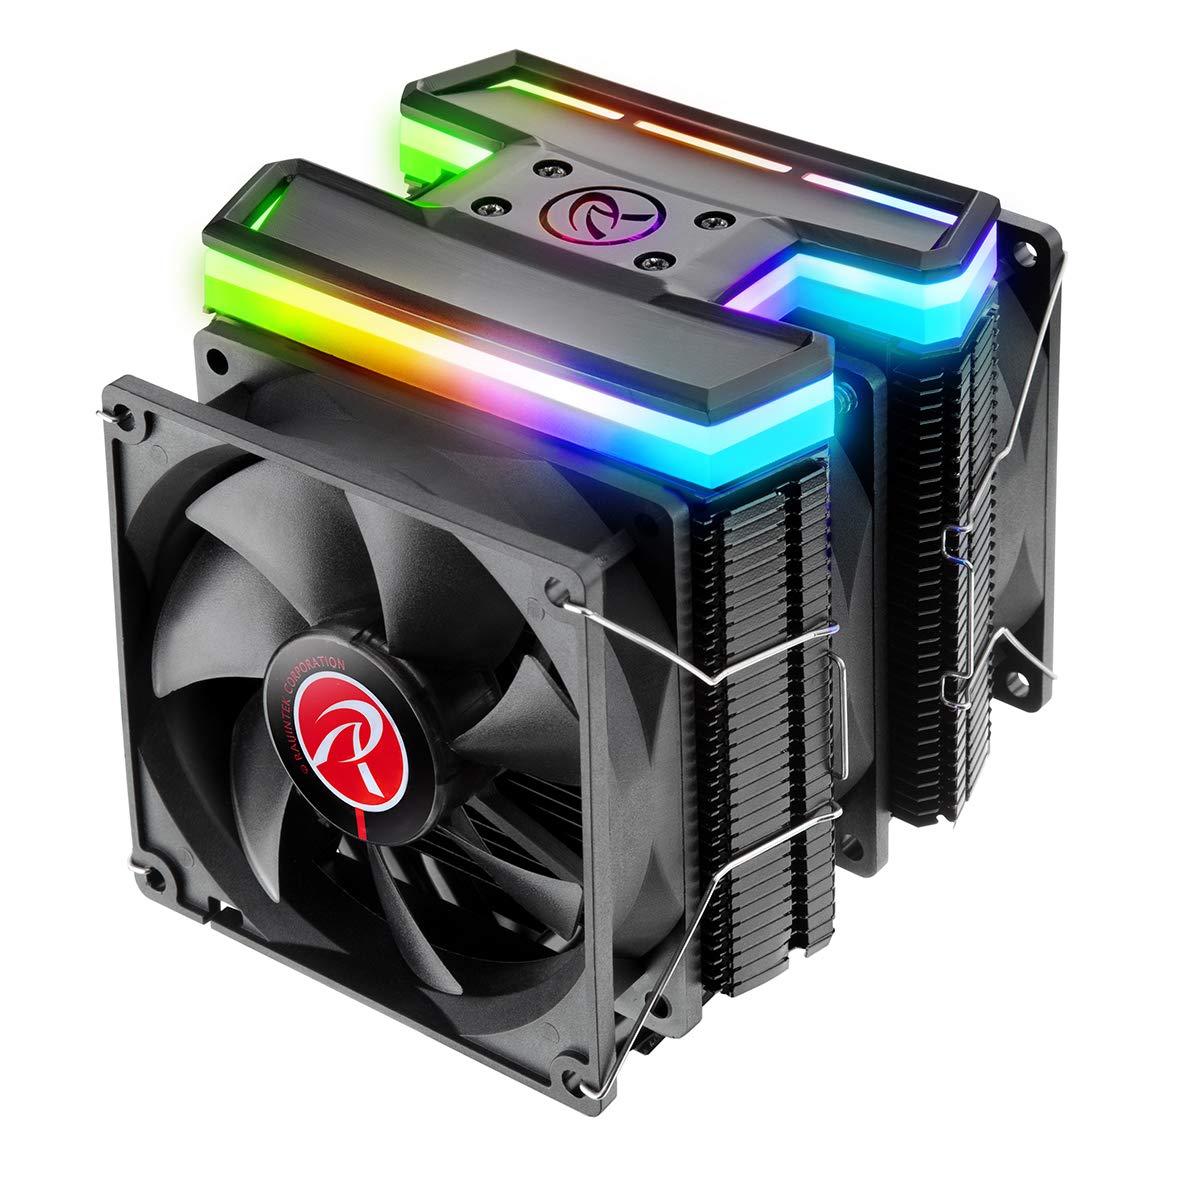 Raijintek DELOS RBW CPU Air Cooler